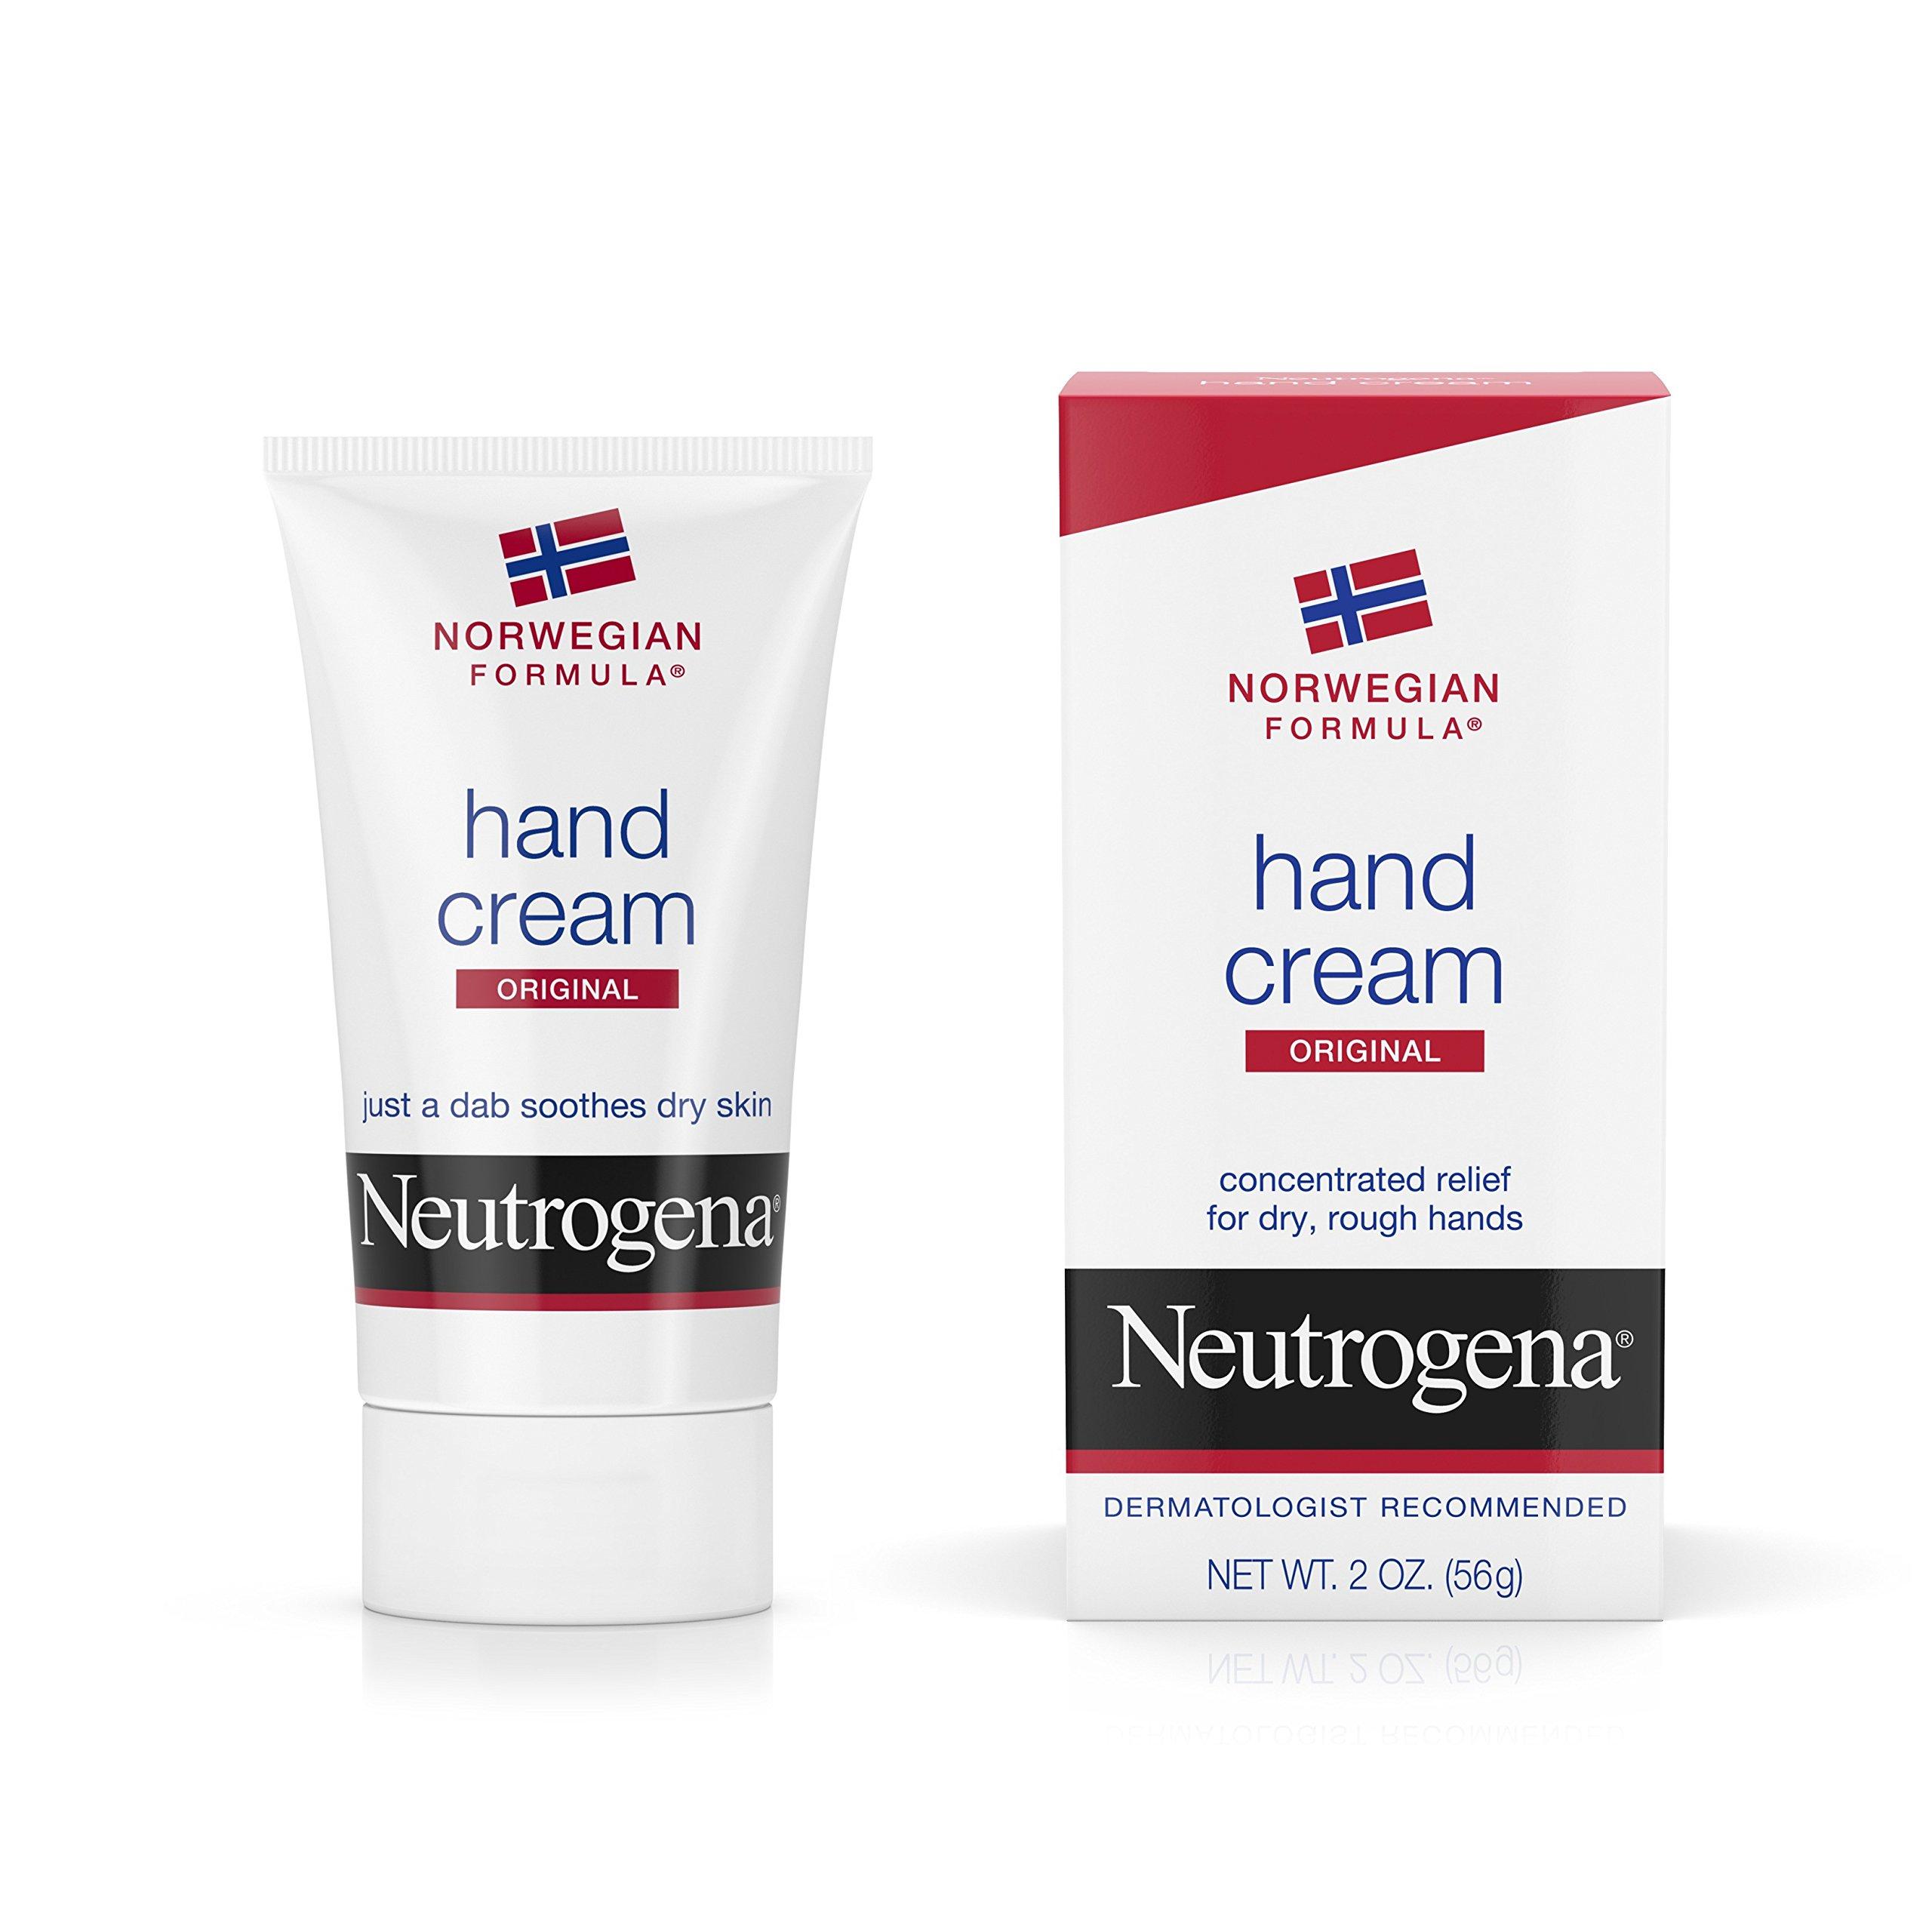 Neutrogena Norwegian Formula Hand Cream, 2 Oz by Neutrogena